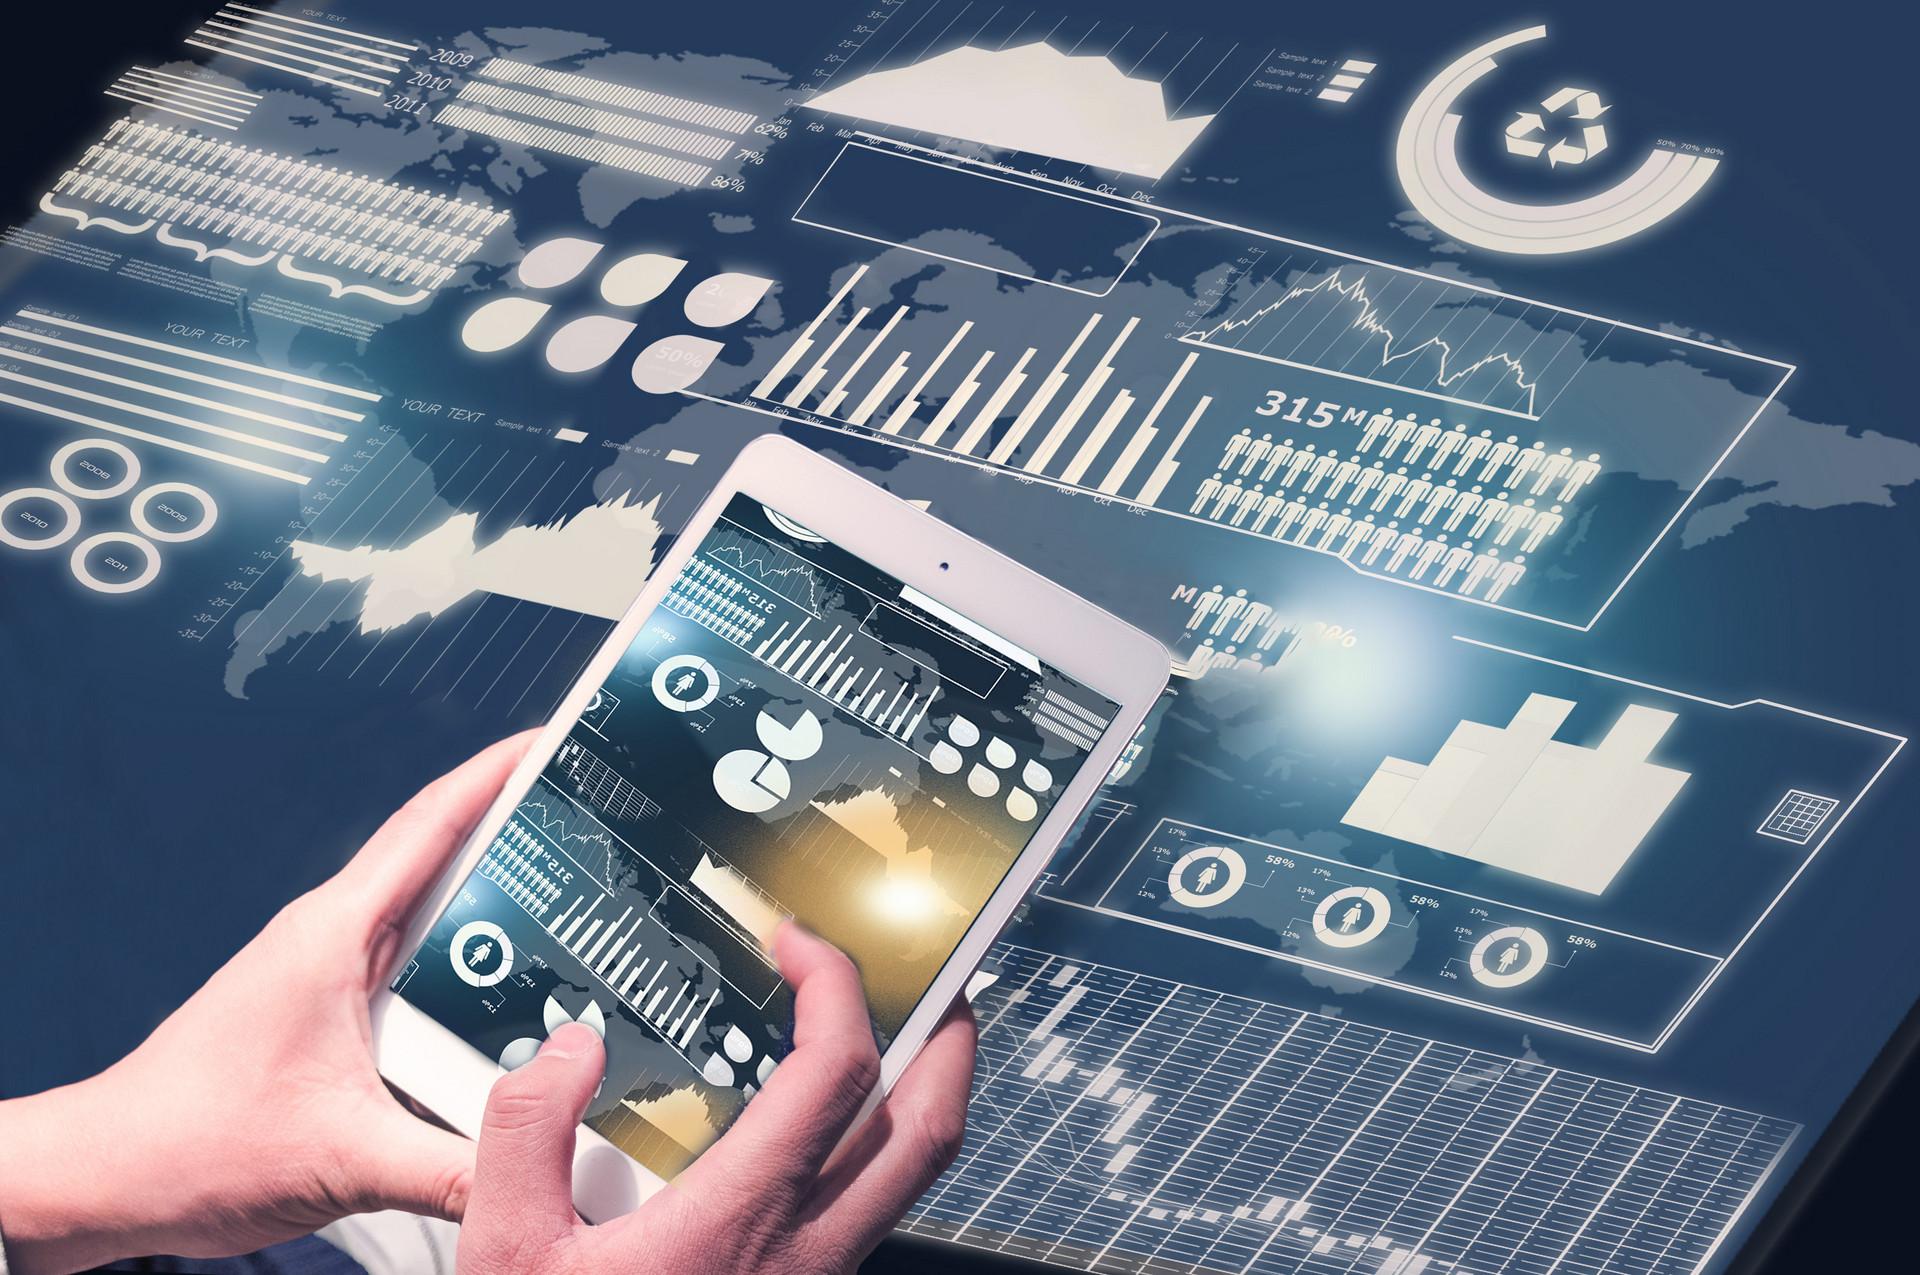 恩智浦宣布推出能��⒅悄苁�C�D化�檐��匙的新型汽�超����芯片